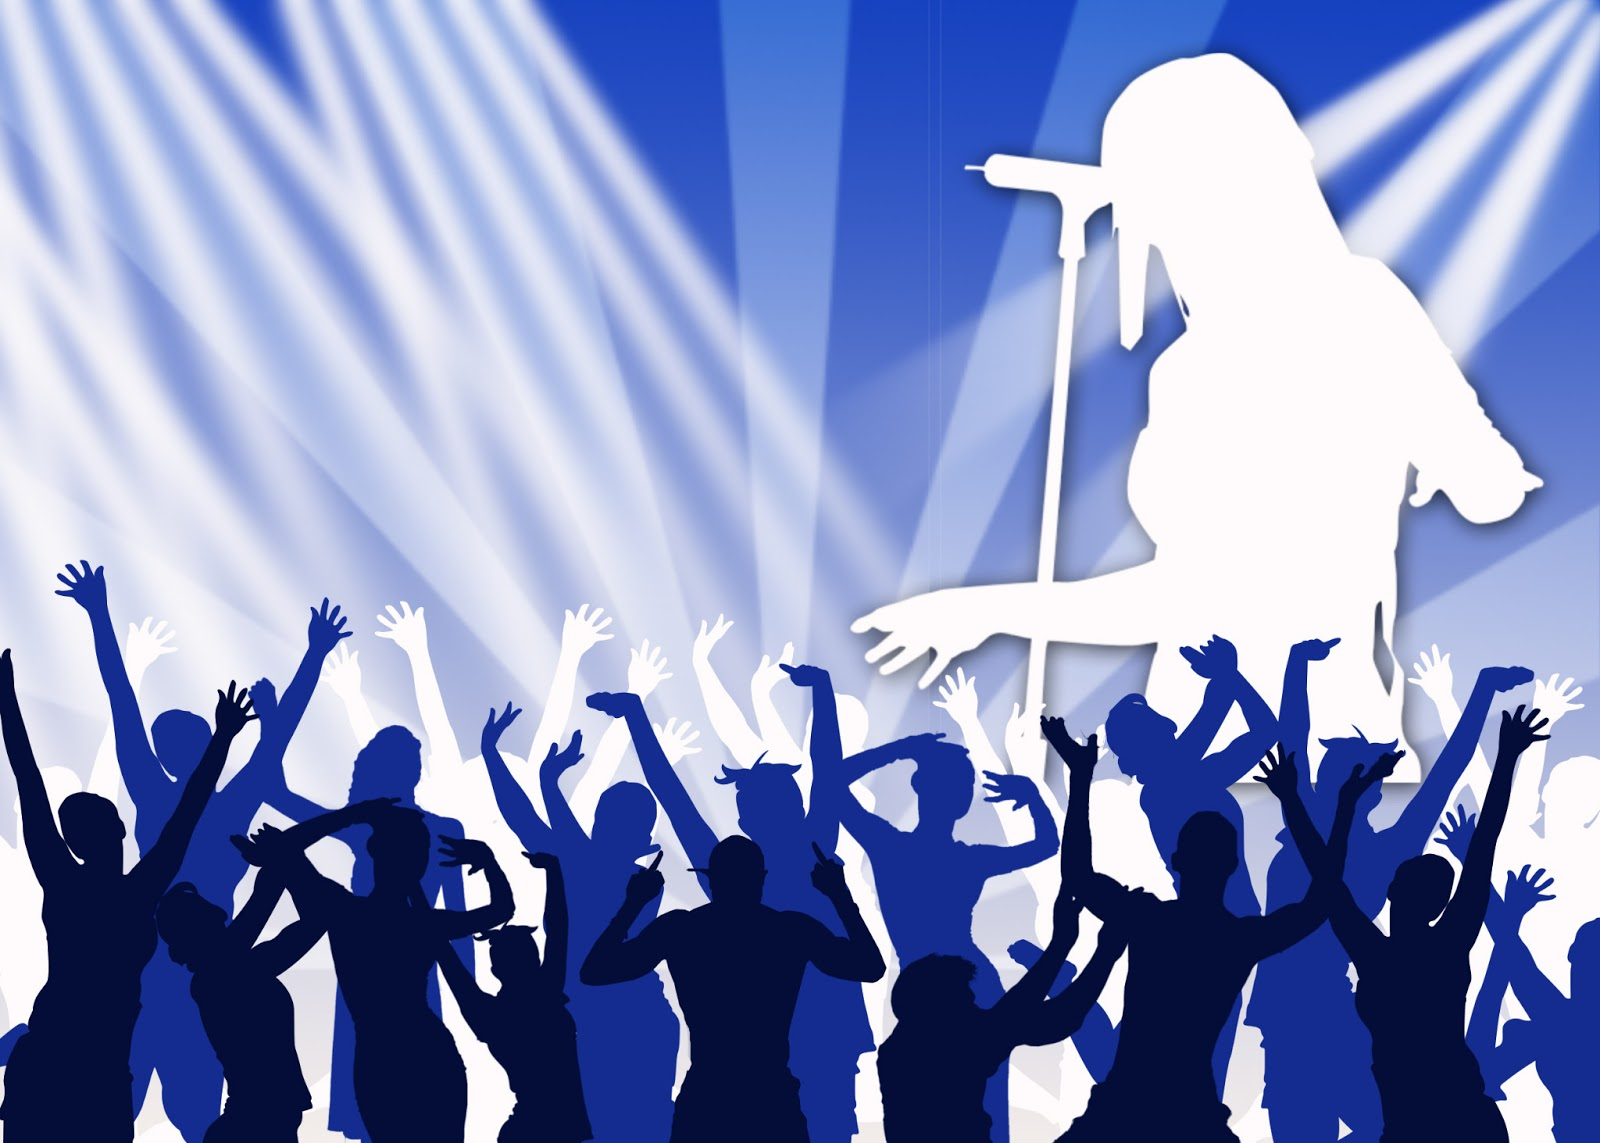 Conciertos nacionales e internacionales producciones for Espectaculos internacionales